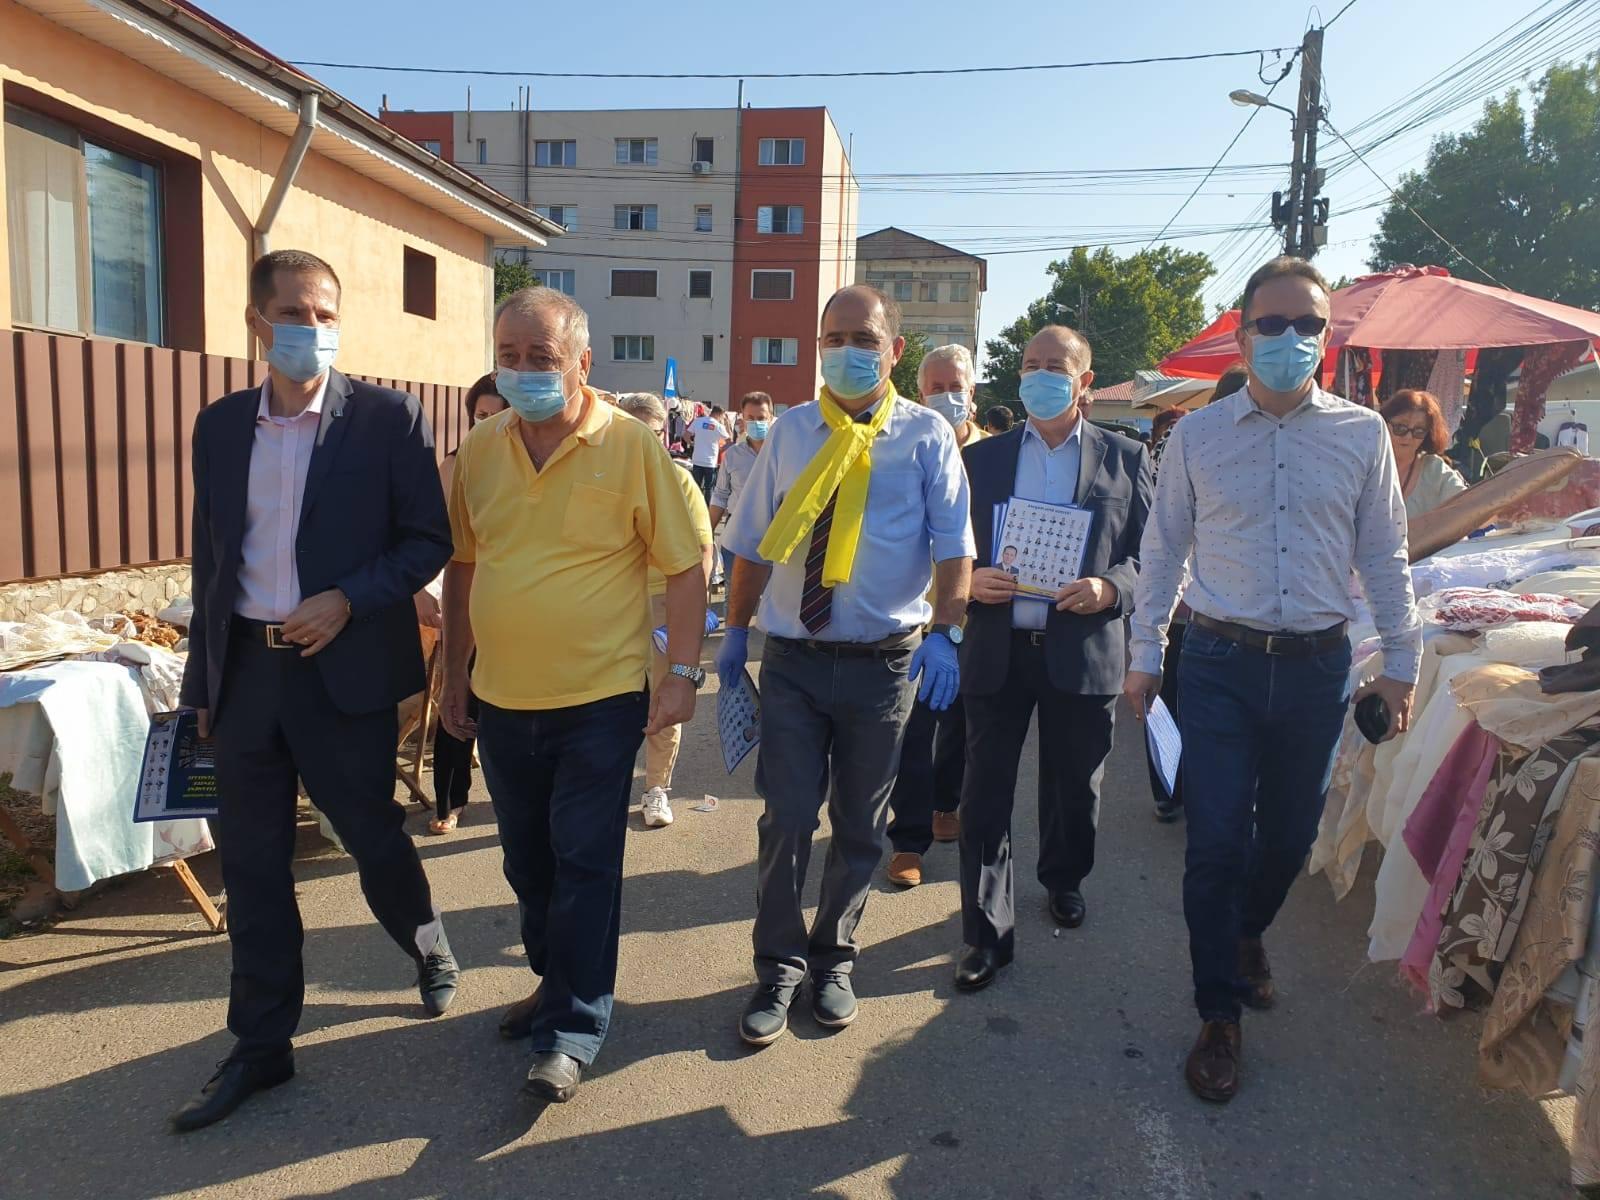 Țara e neguvernabilă: cei doi secretari de stat de la interne și-au luat vacanță și au plecat în campanie electorală